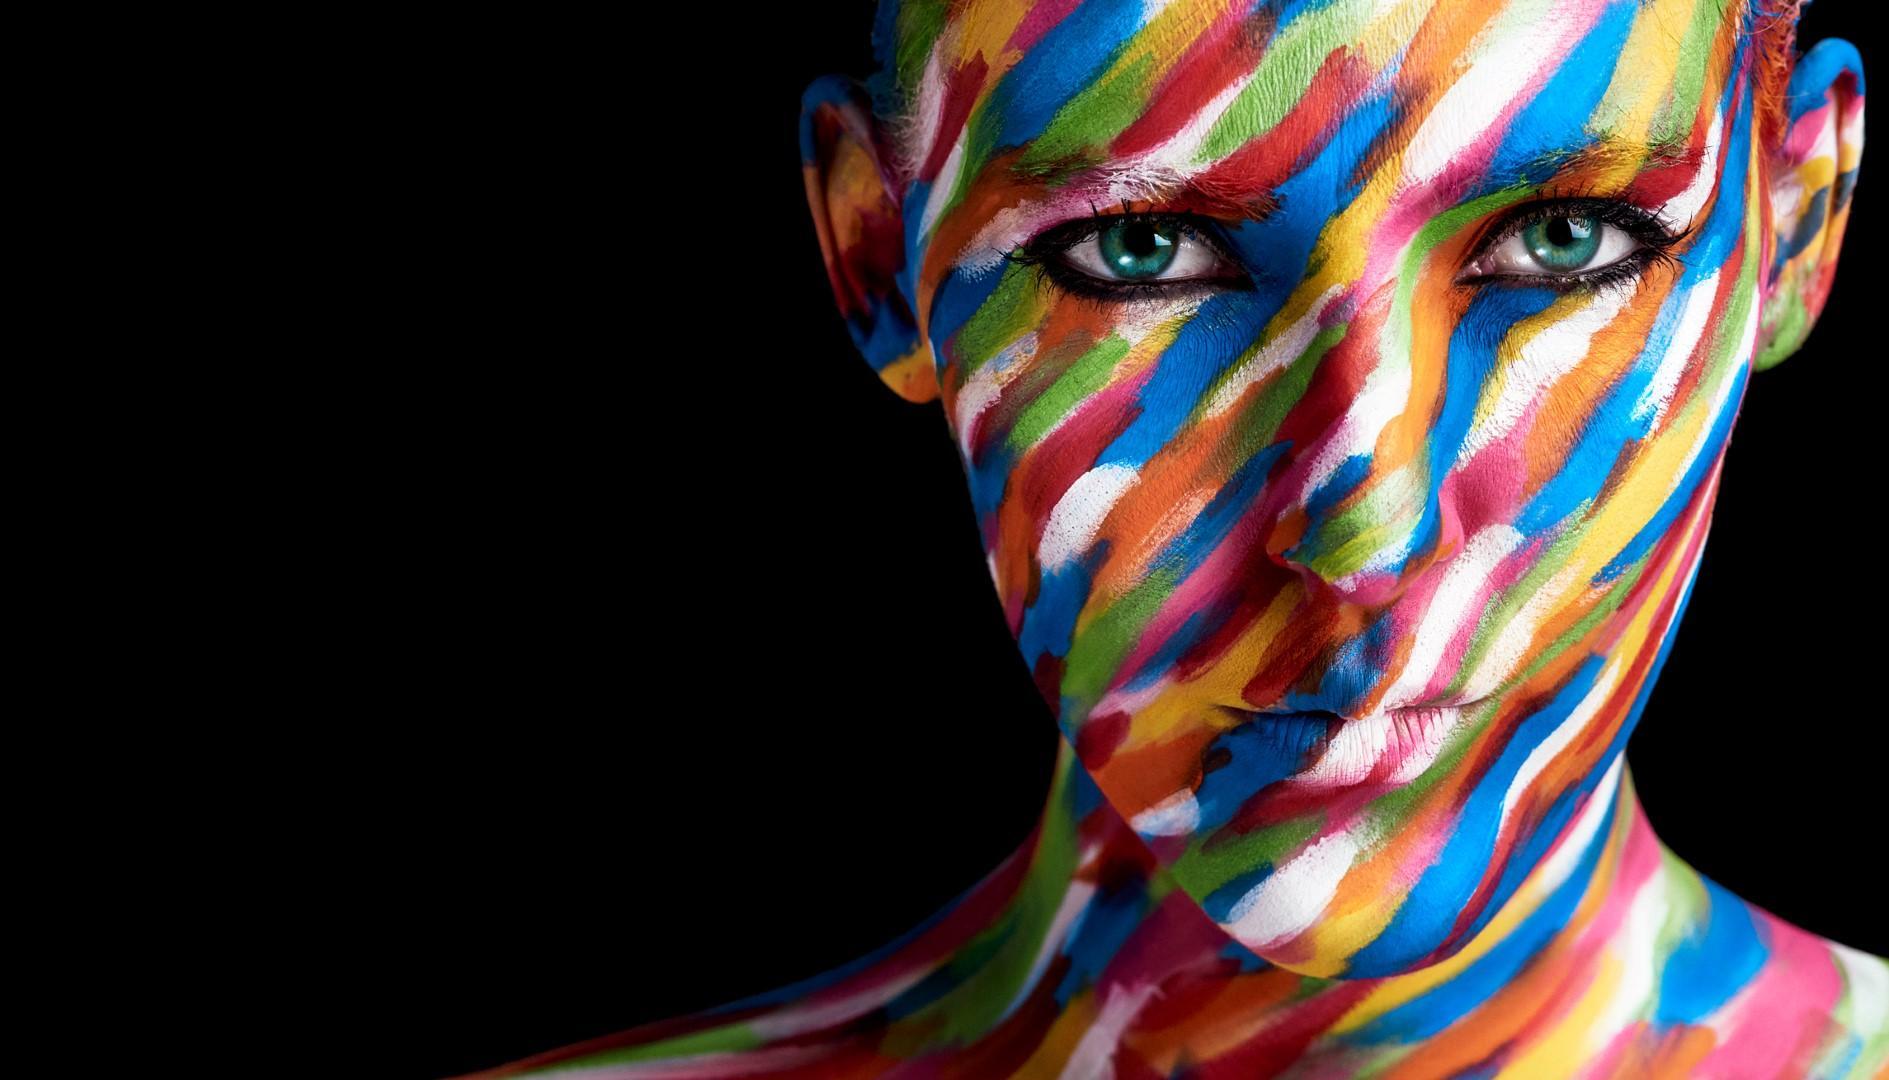 Cromoterapia: star bene con i colori